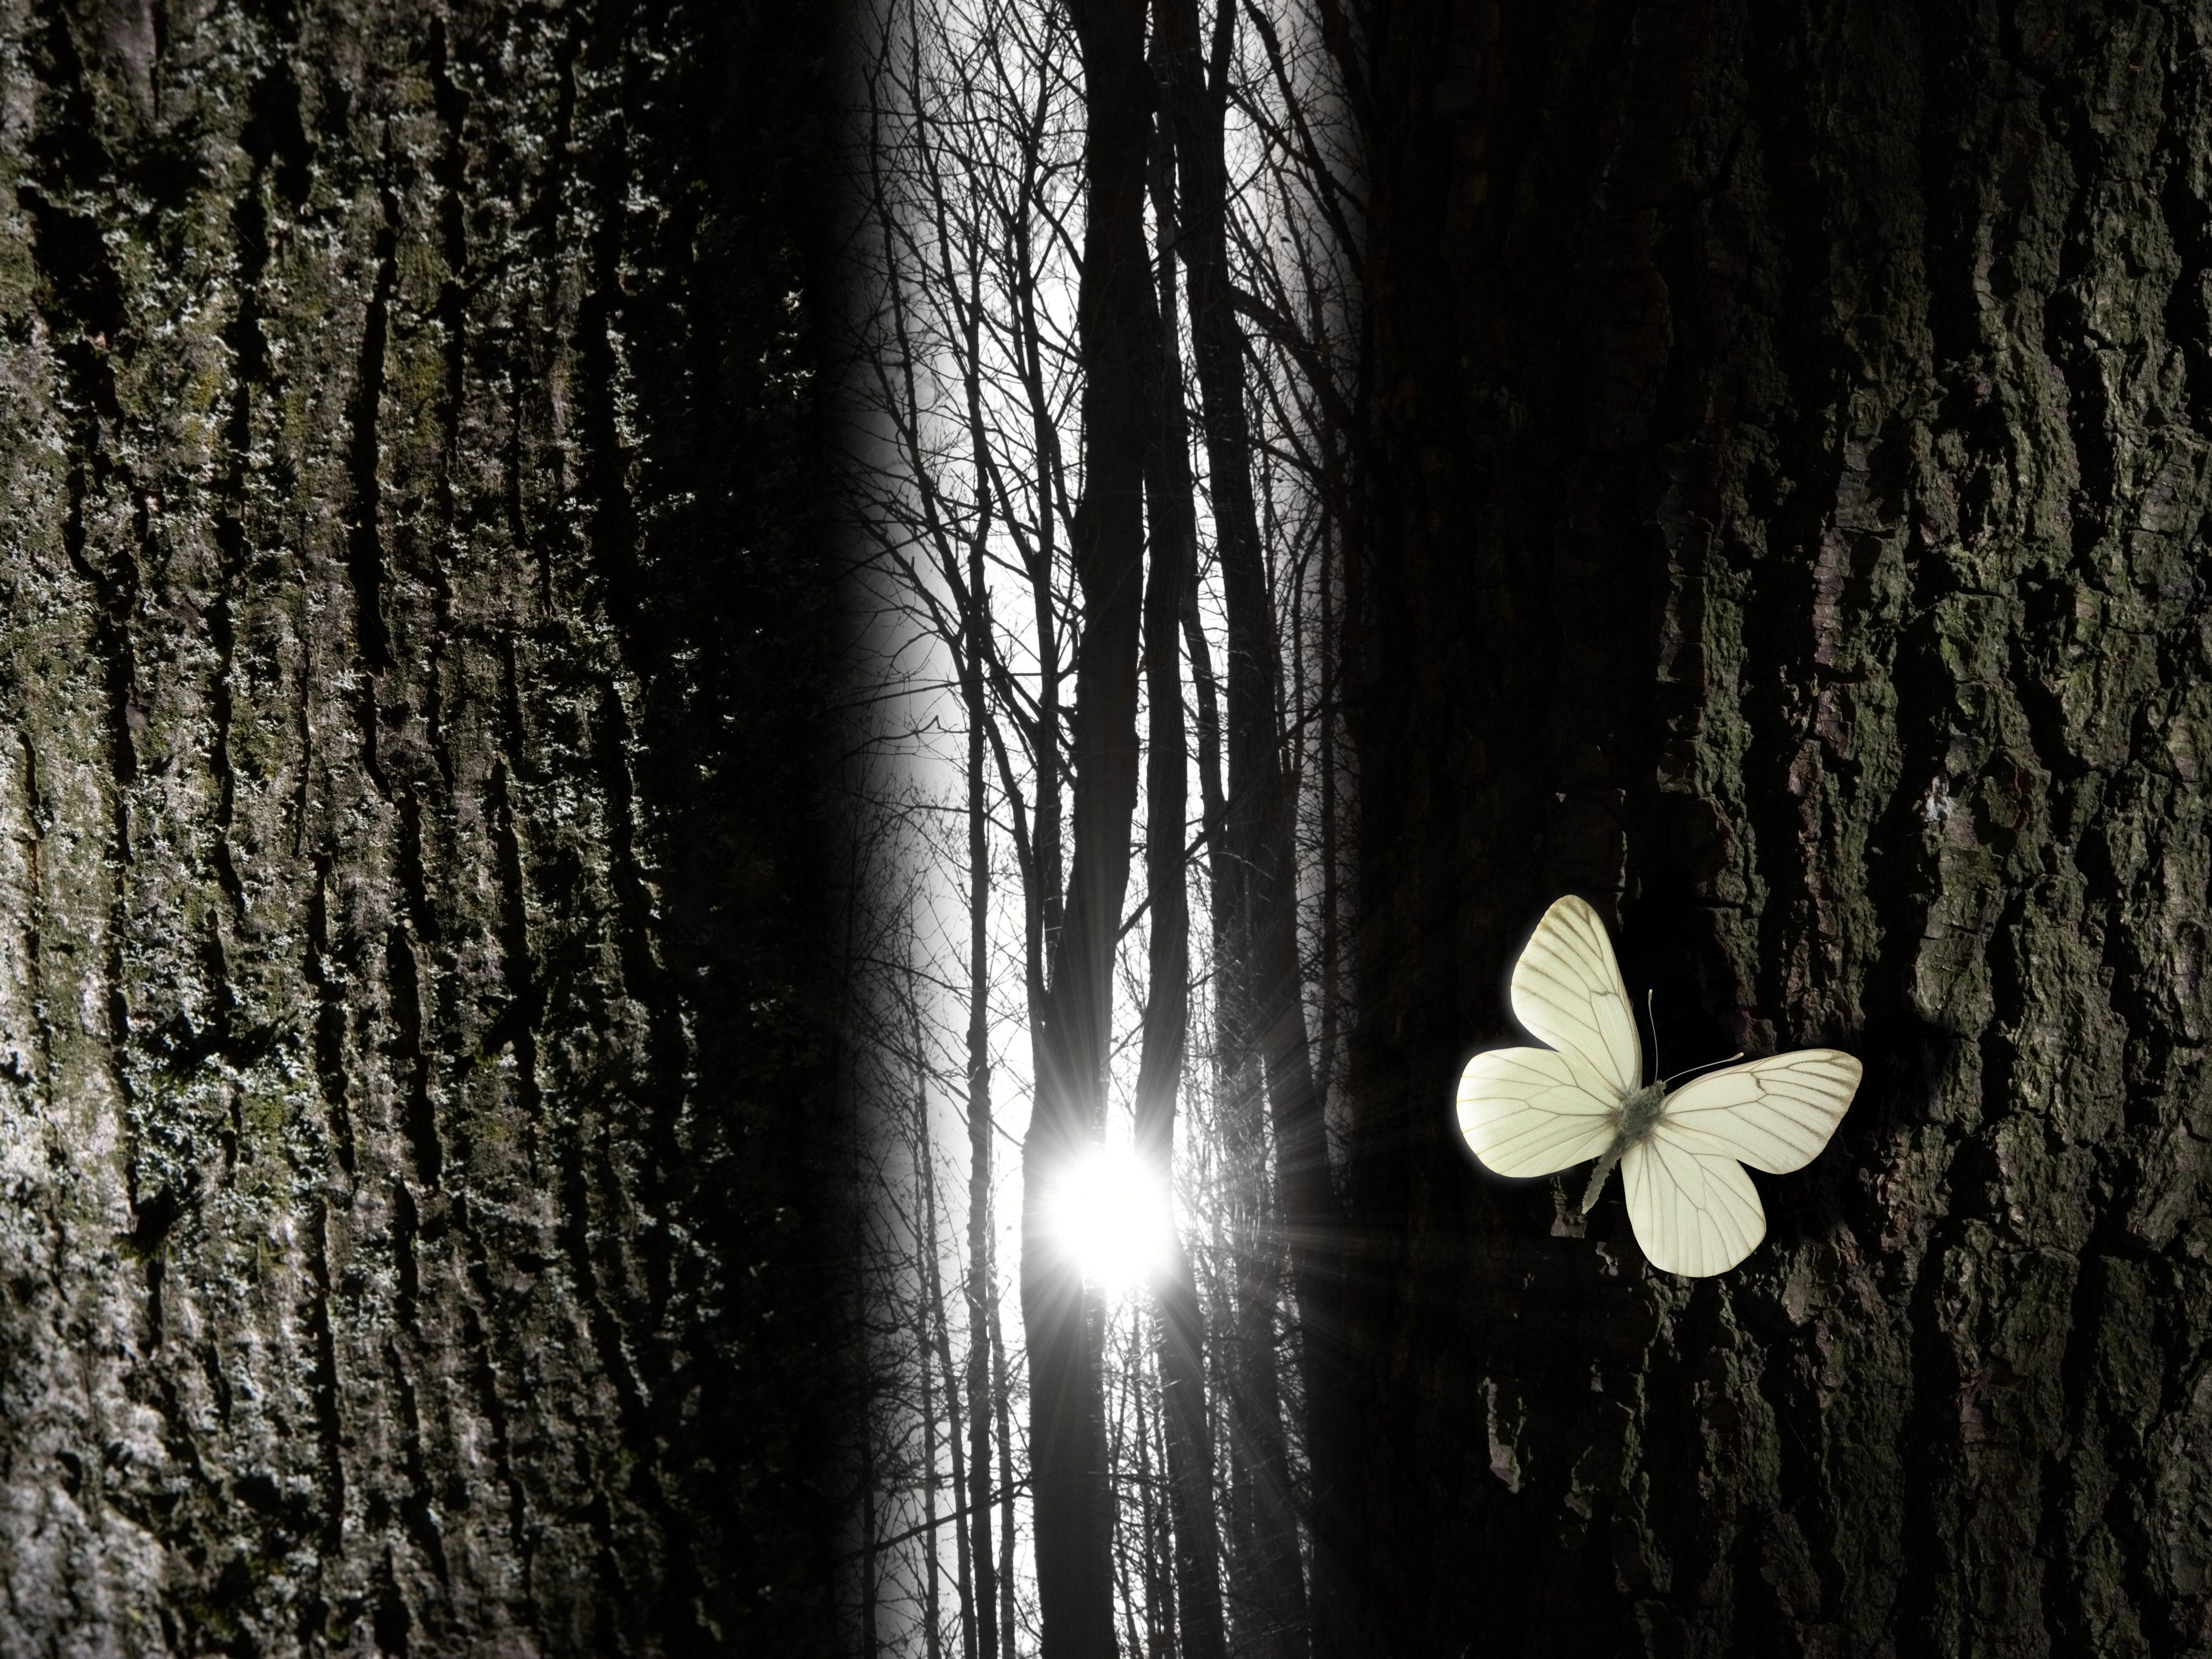 Spiritual butterfly near a tree gap light